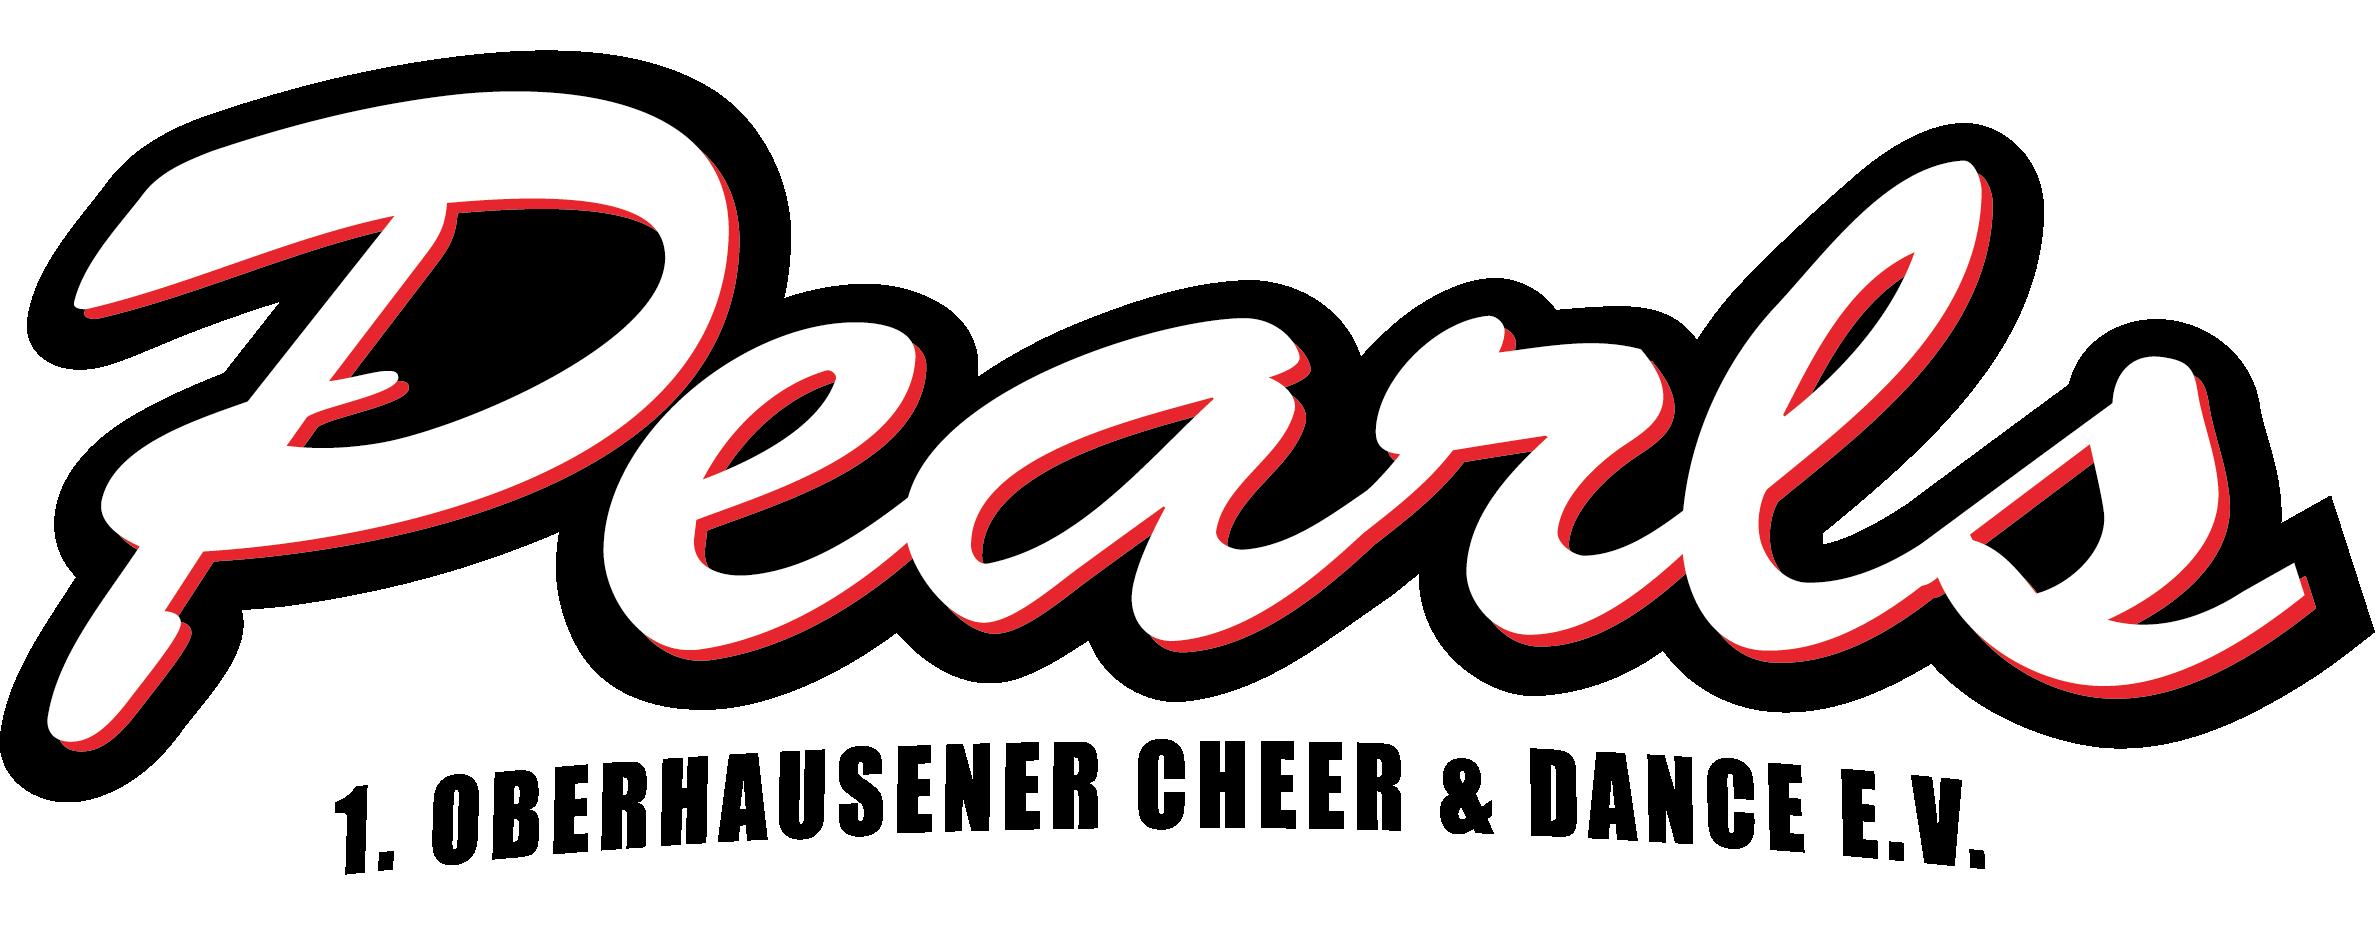 PEARLS Cheerleader Oberhausen